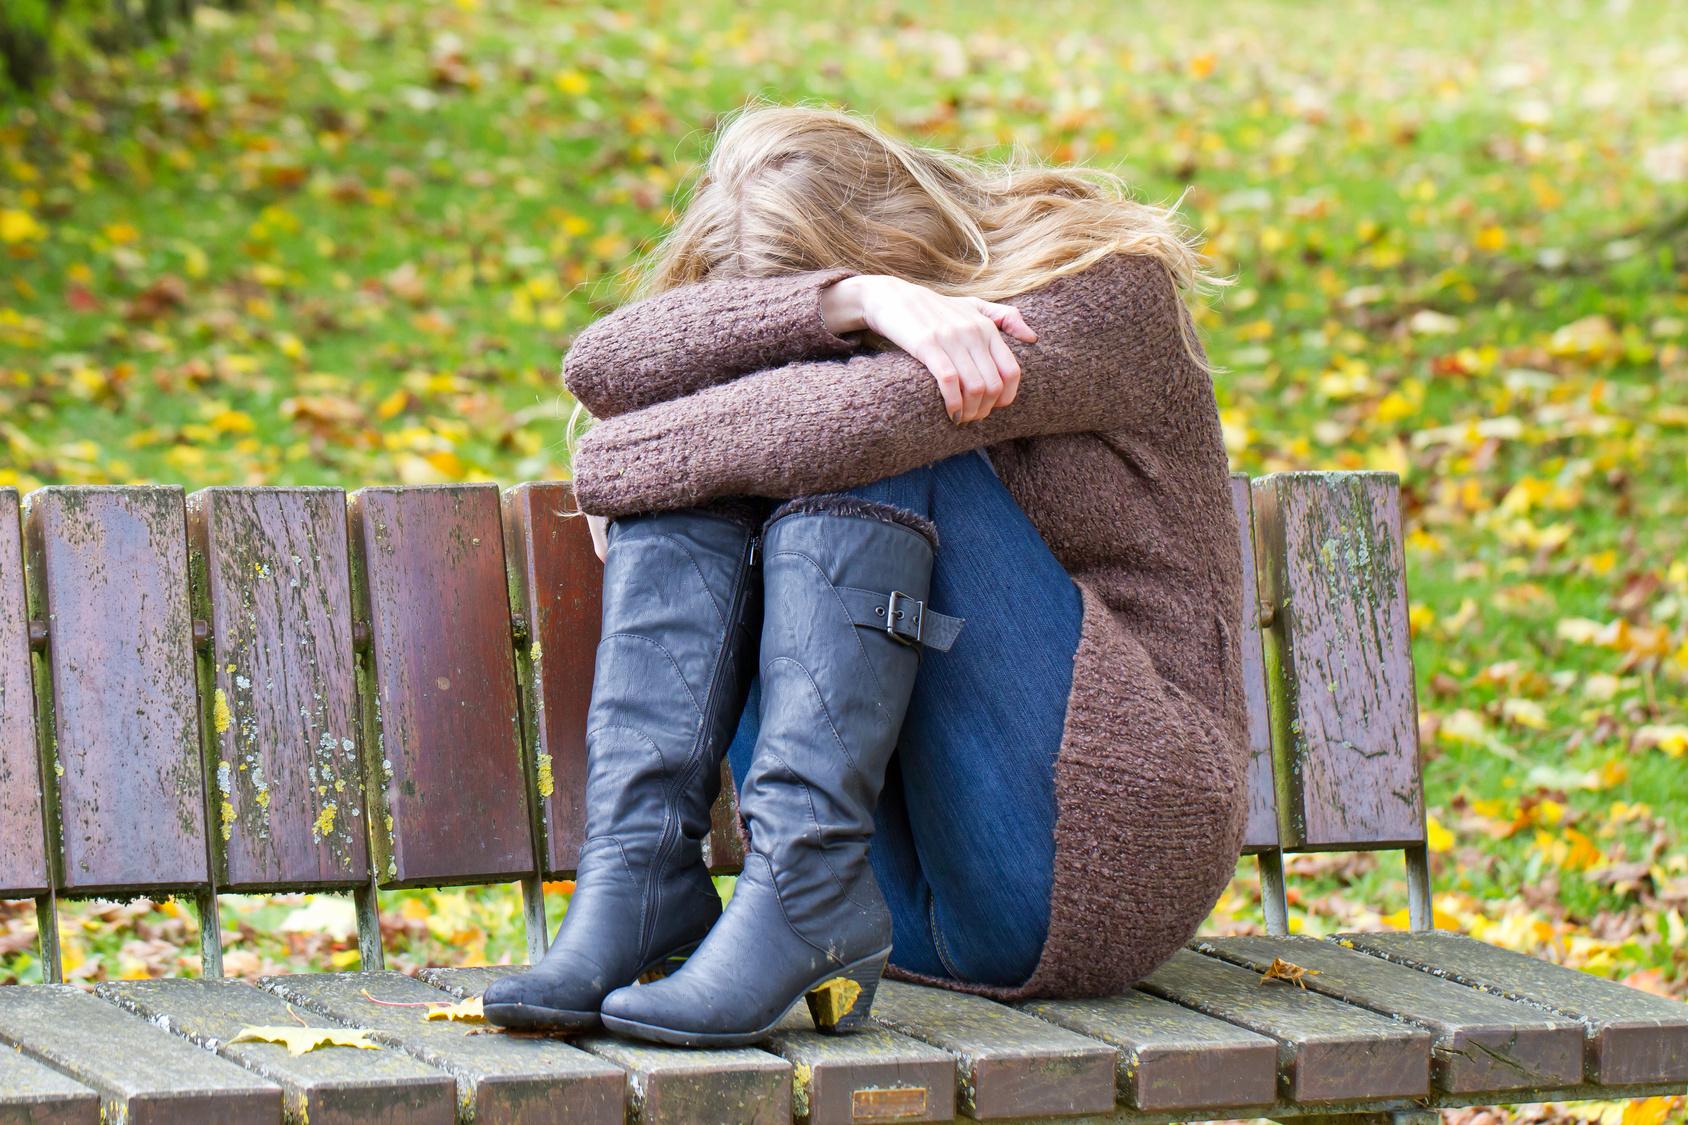 Artikelgebend sind Frührenten durch psychische Erkrankungen verursacht.